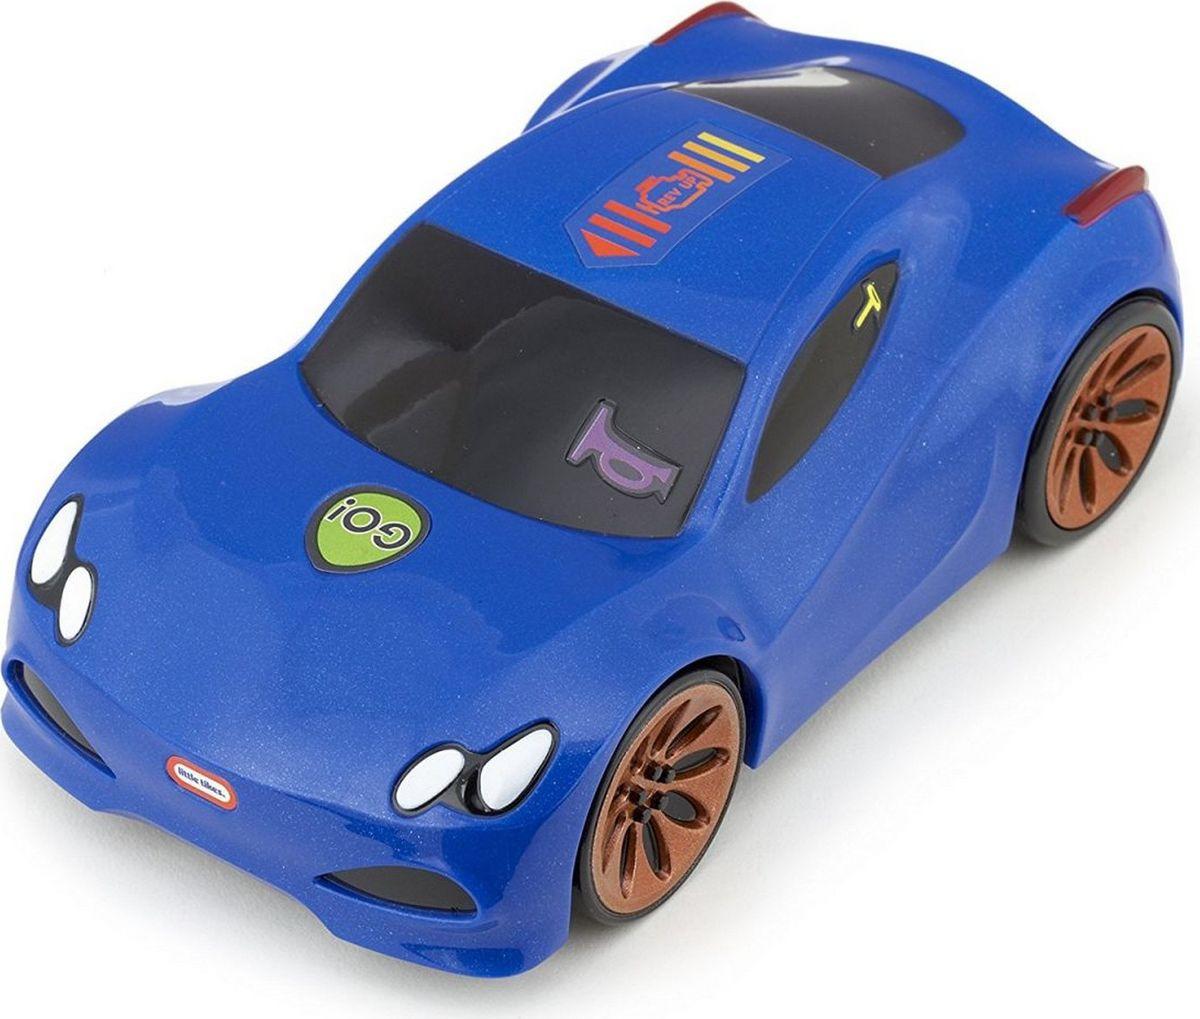 Машинка Little Tikes Спортивная, 646126E4C, синий little tikes 5 в 1